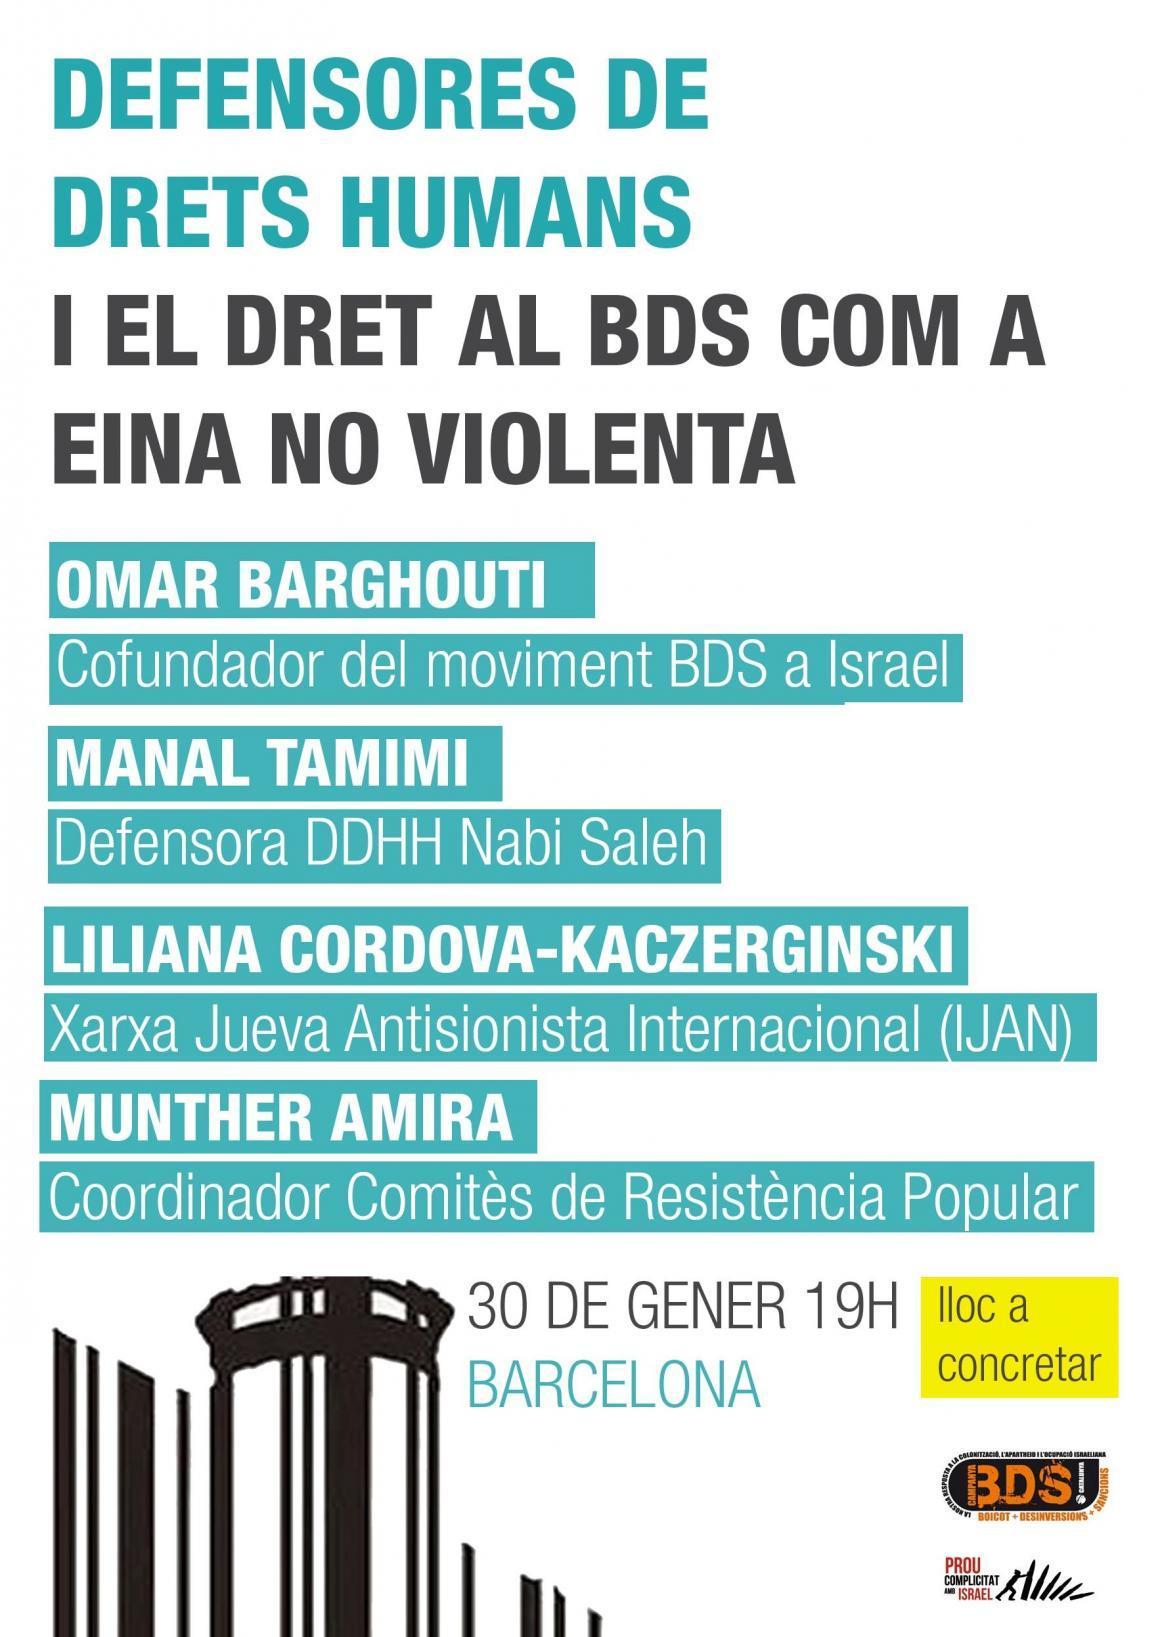 Defensores dels drets humans i el BDS com a eina no violenta